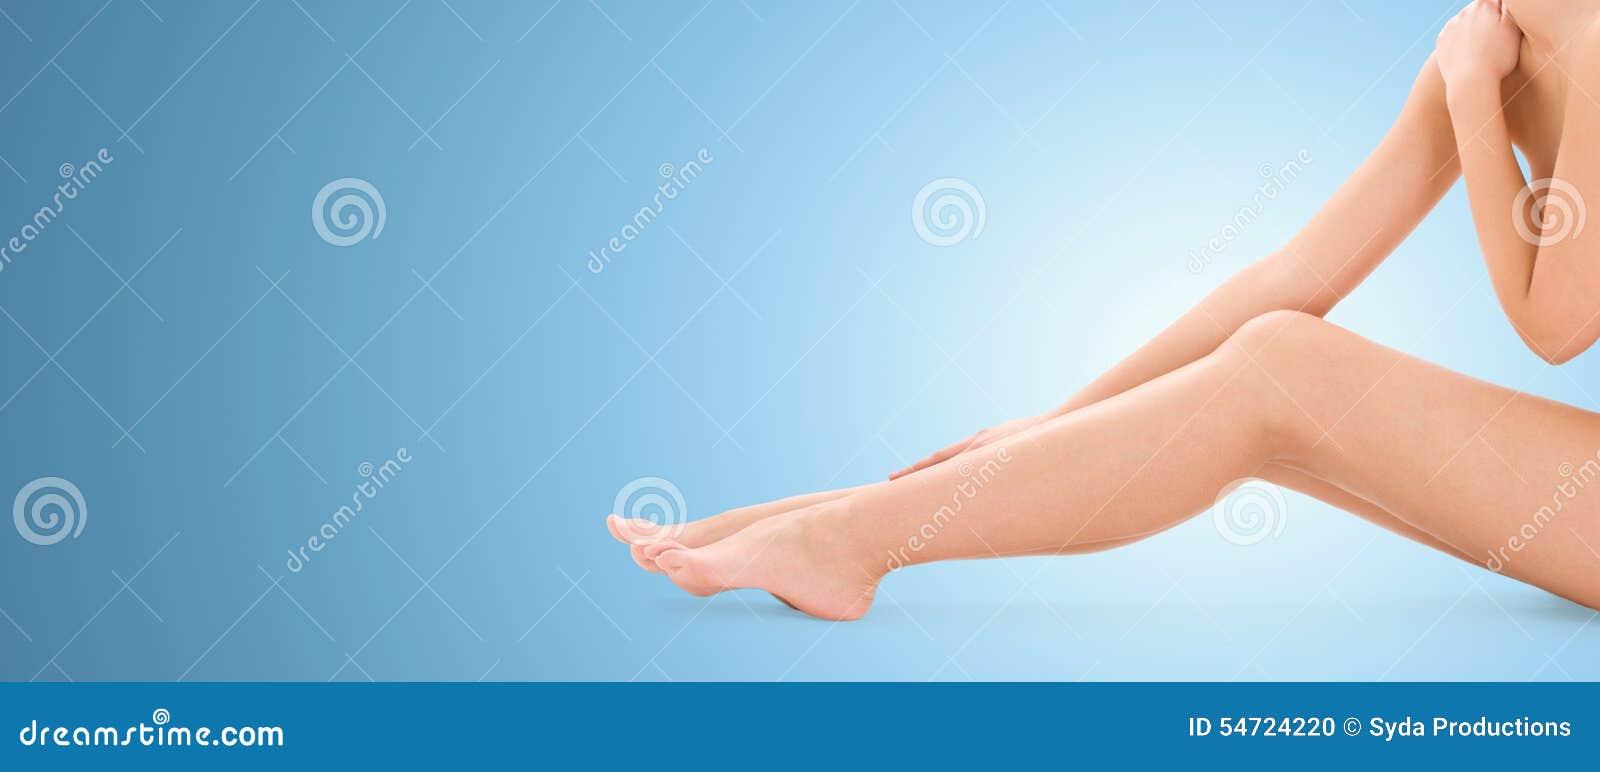 Ciérrese para arriba de las piernas desnudas de la mujer sobre fondo azul